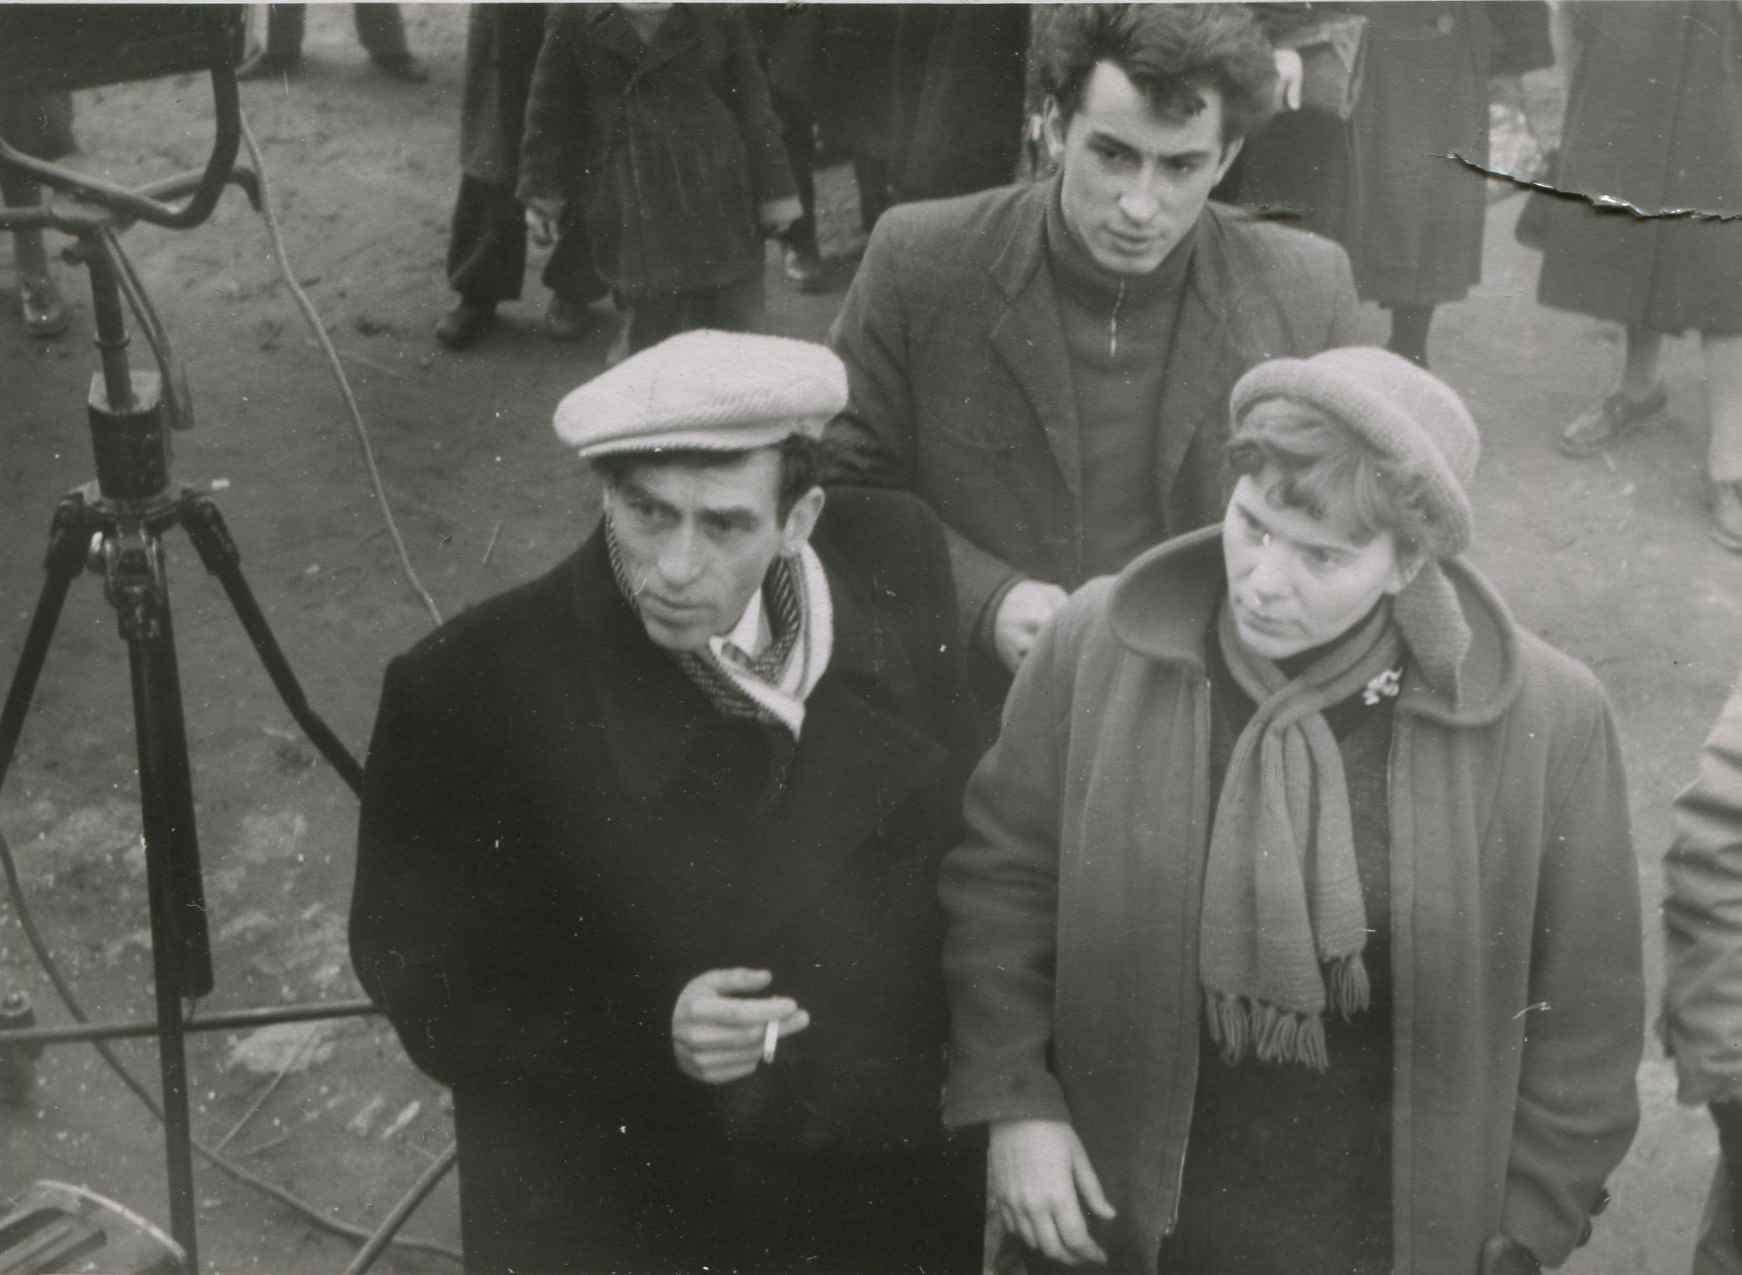 Экспонат #21. С Семёном Тумановым и Юрием Копеевым. 1957 год